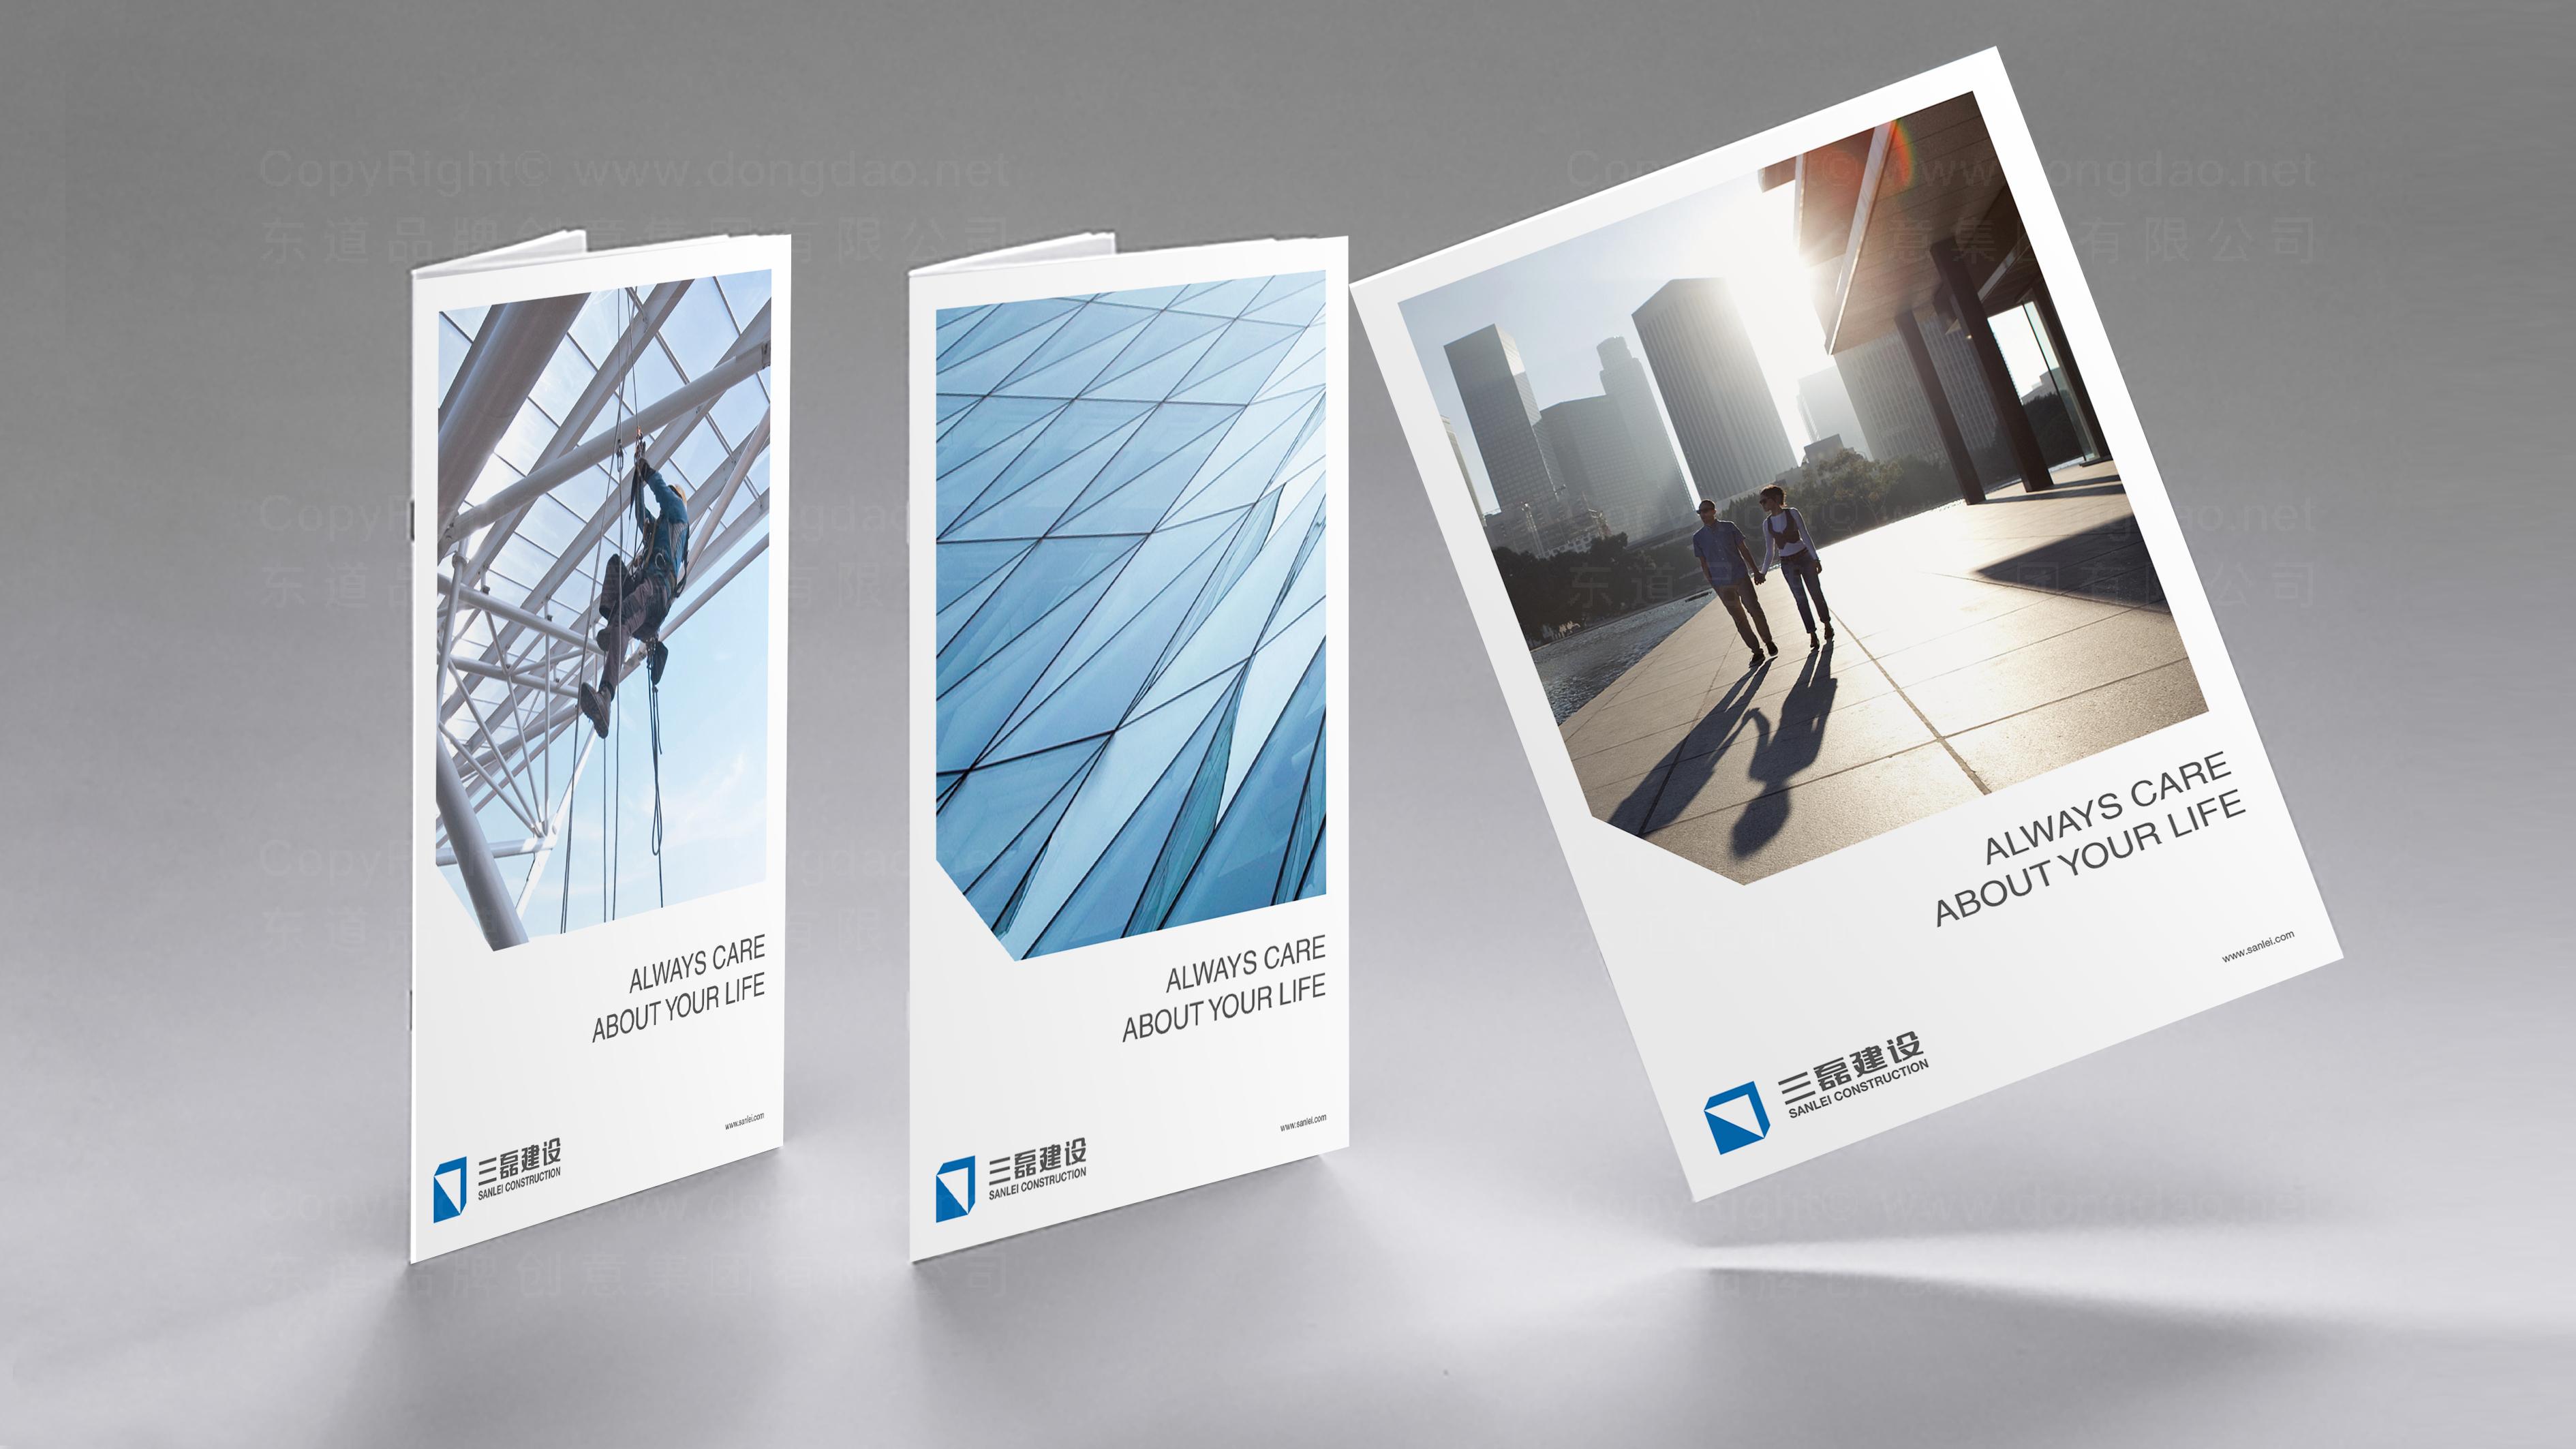 品牌设计三磊建设标志设计应用场景_4